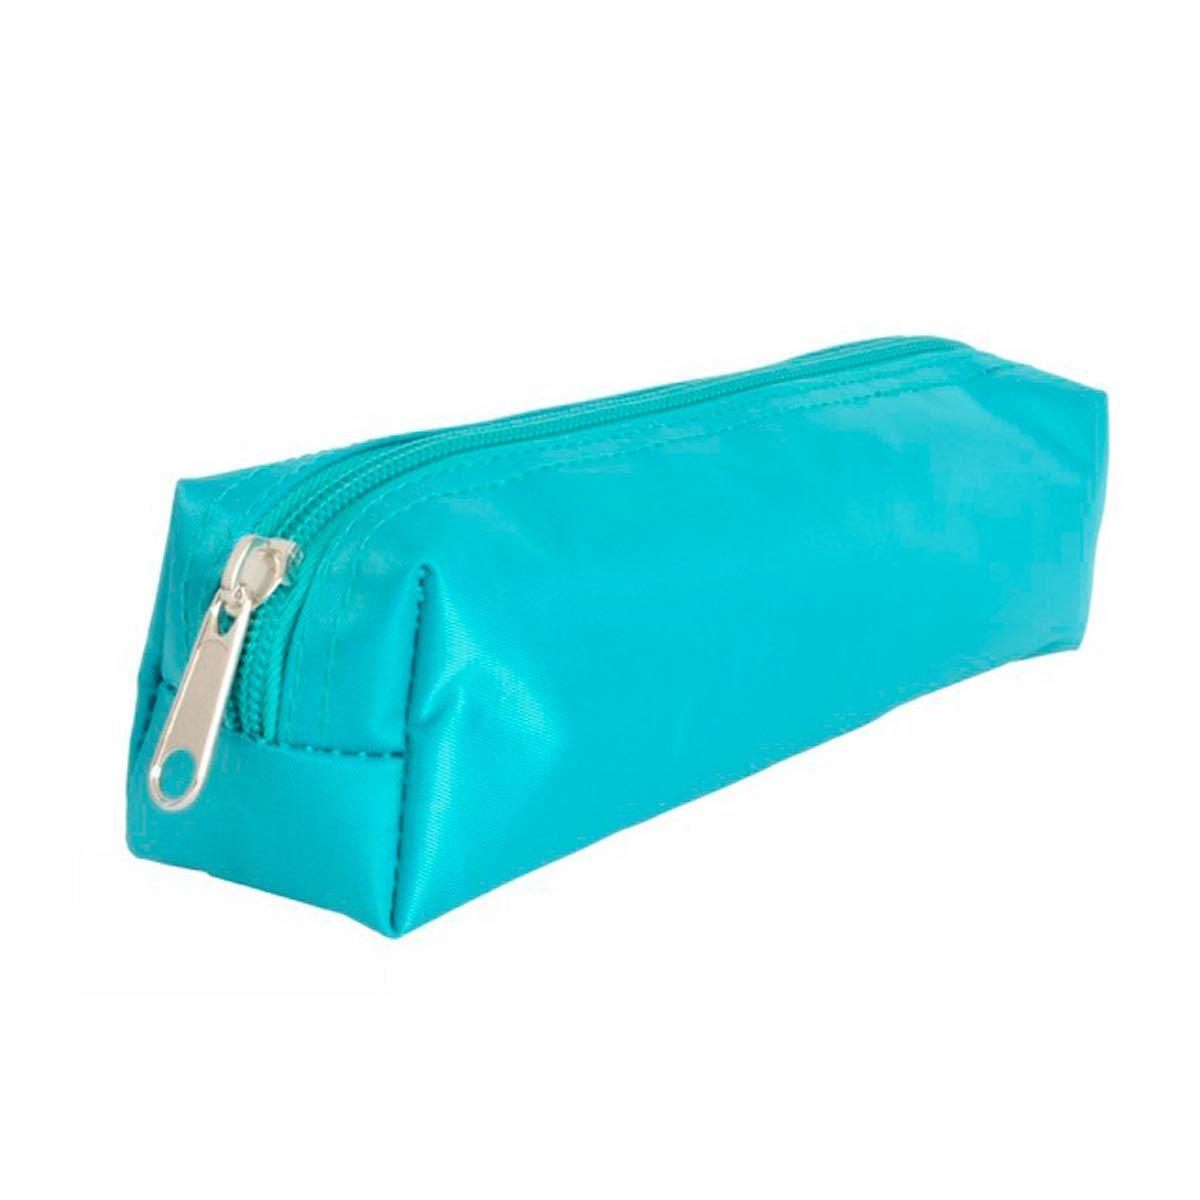 Trousse rectangulaire satin bleu